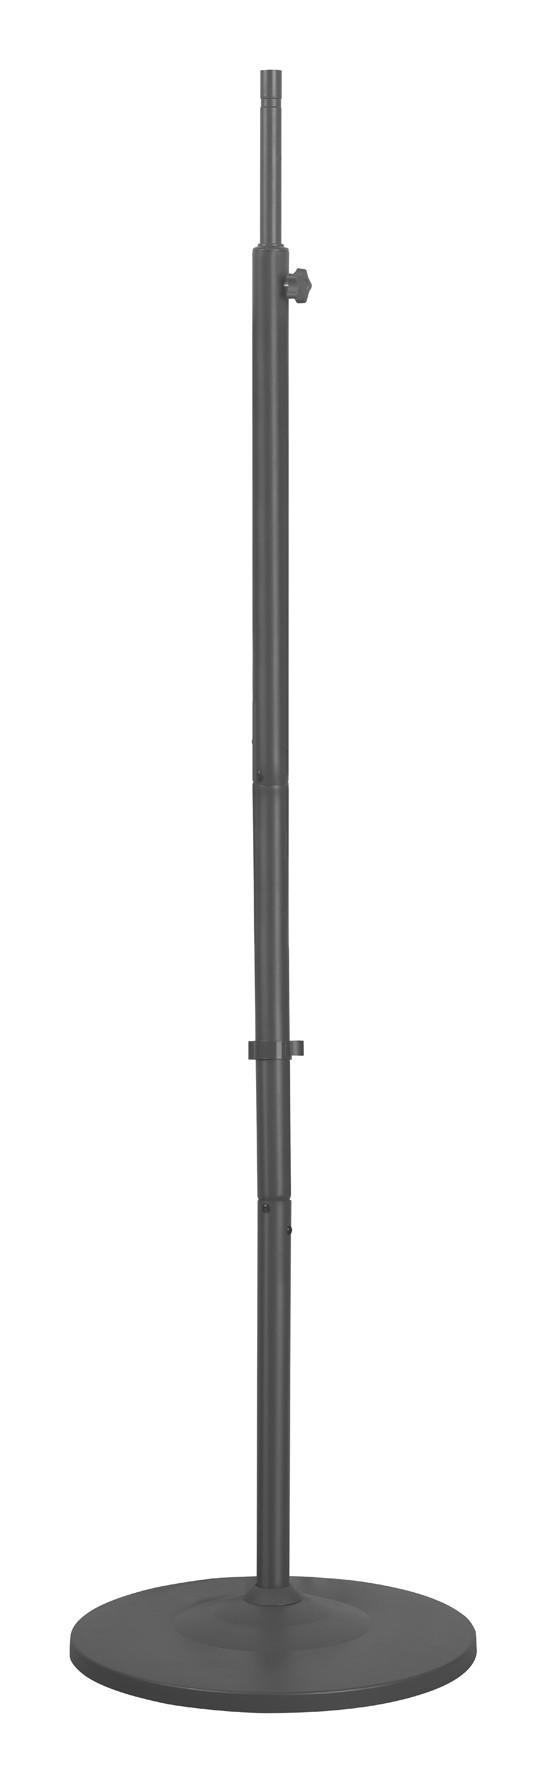 Afbeelding van Eurom 334012 Golden Halogeen Serie Floorstand ronde basis voor terrasverwarmers